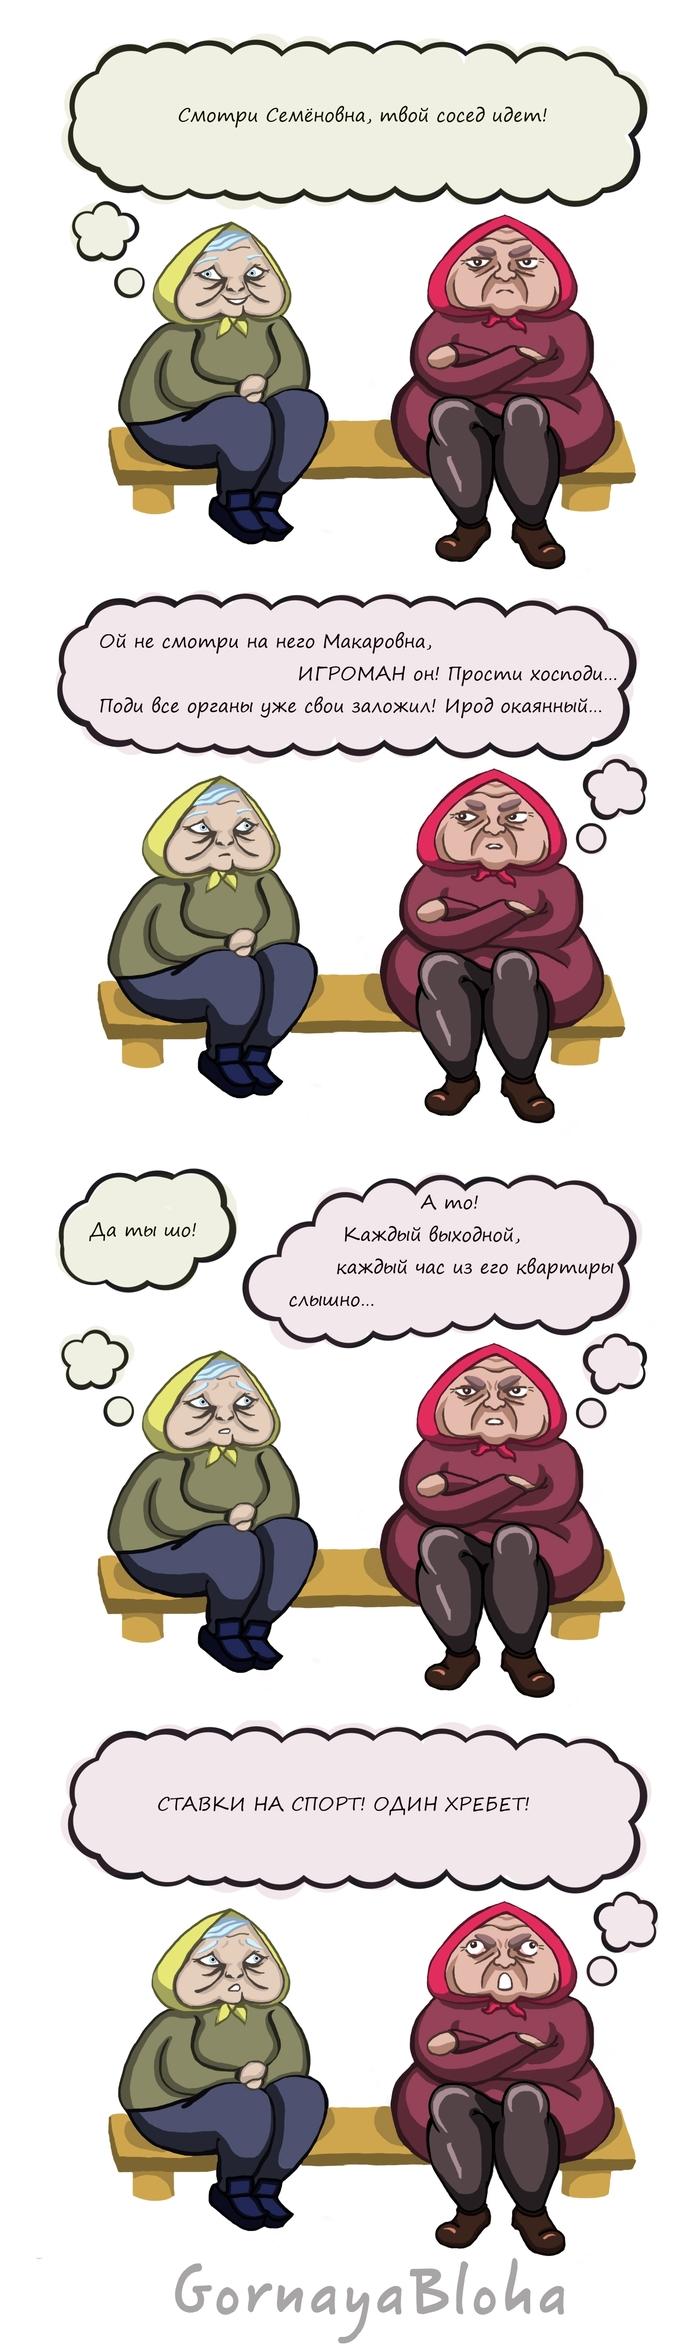 Сериальное Комиксы, Сериалы, Бабки у подъезда, Длиннопост